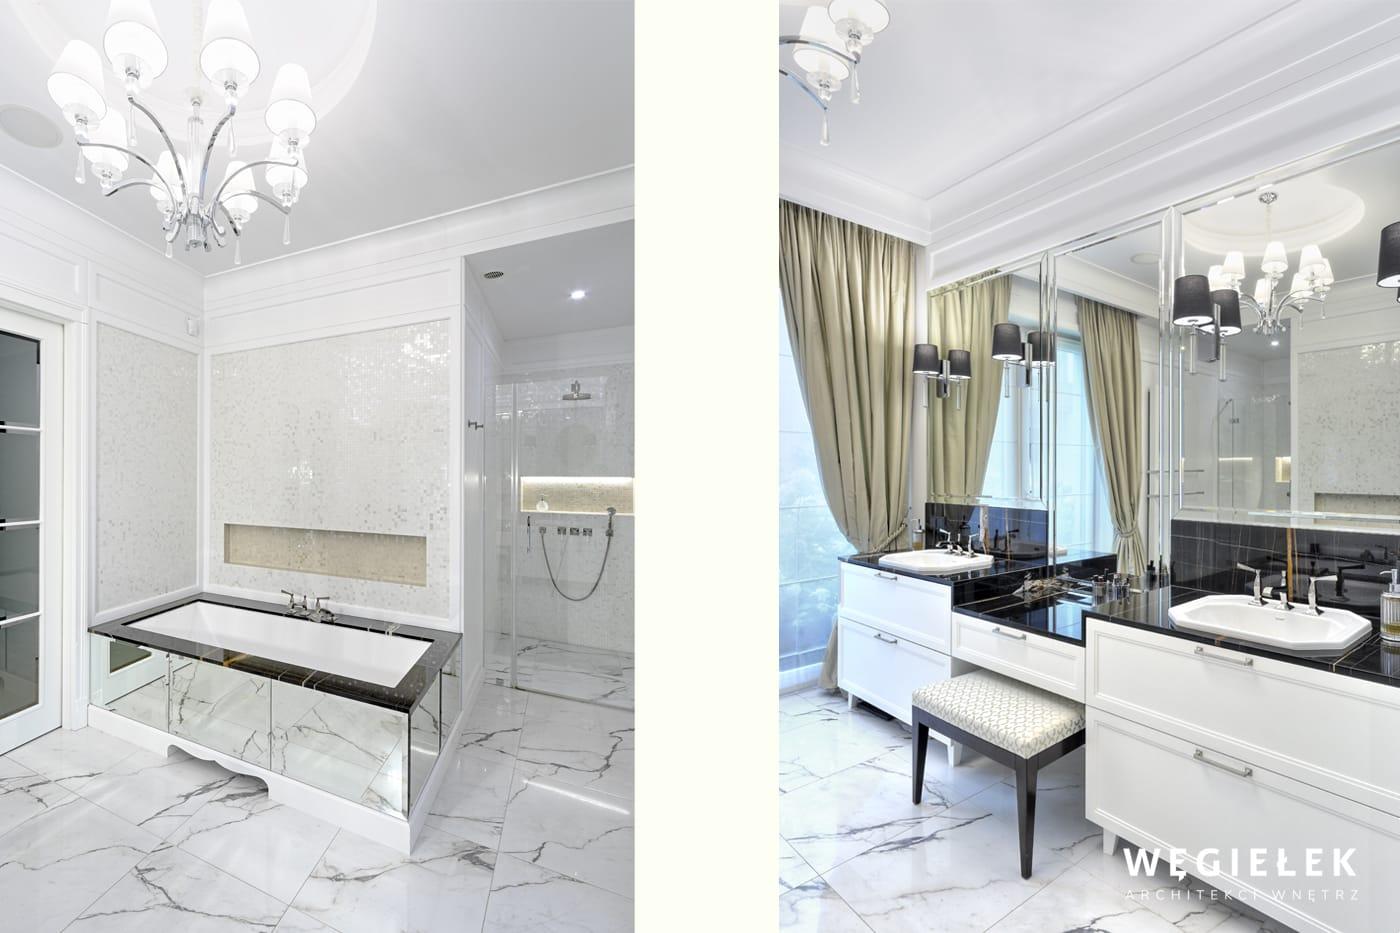 Architekt wnętrza zaprojektował przestronną łazienkę z dużą wanną i ogromnymi lustrami. Ciekawym rozwiązaniem jest połączenie jednym blatem umywalek i toaletki.